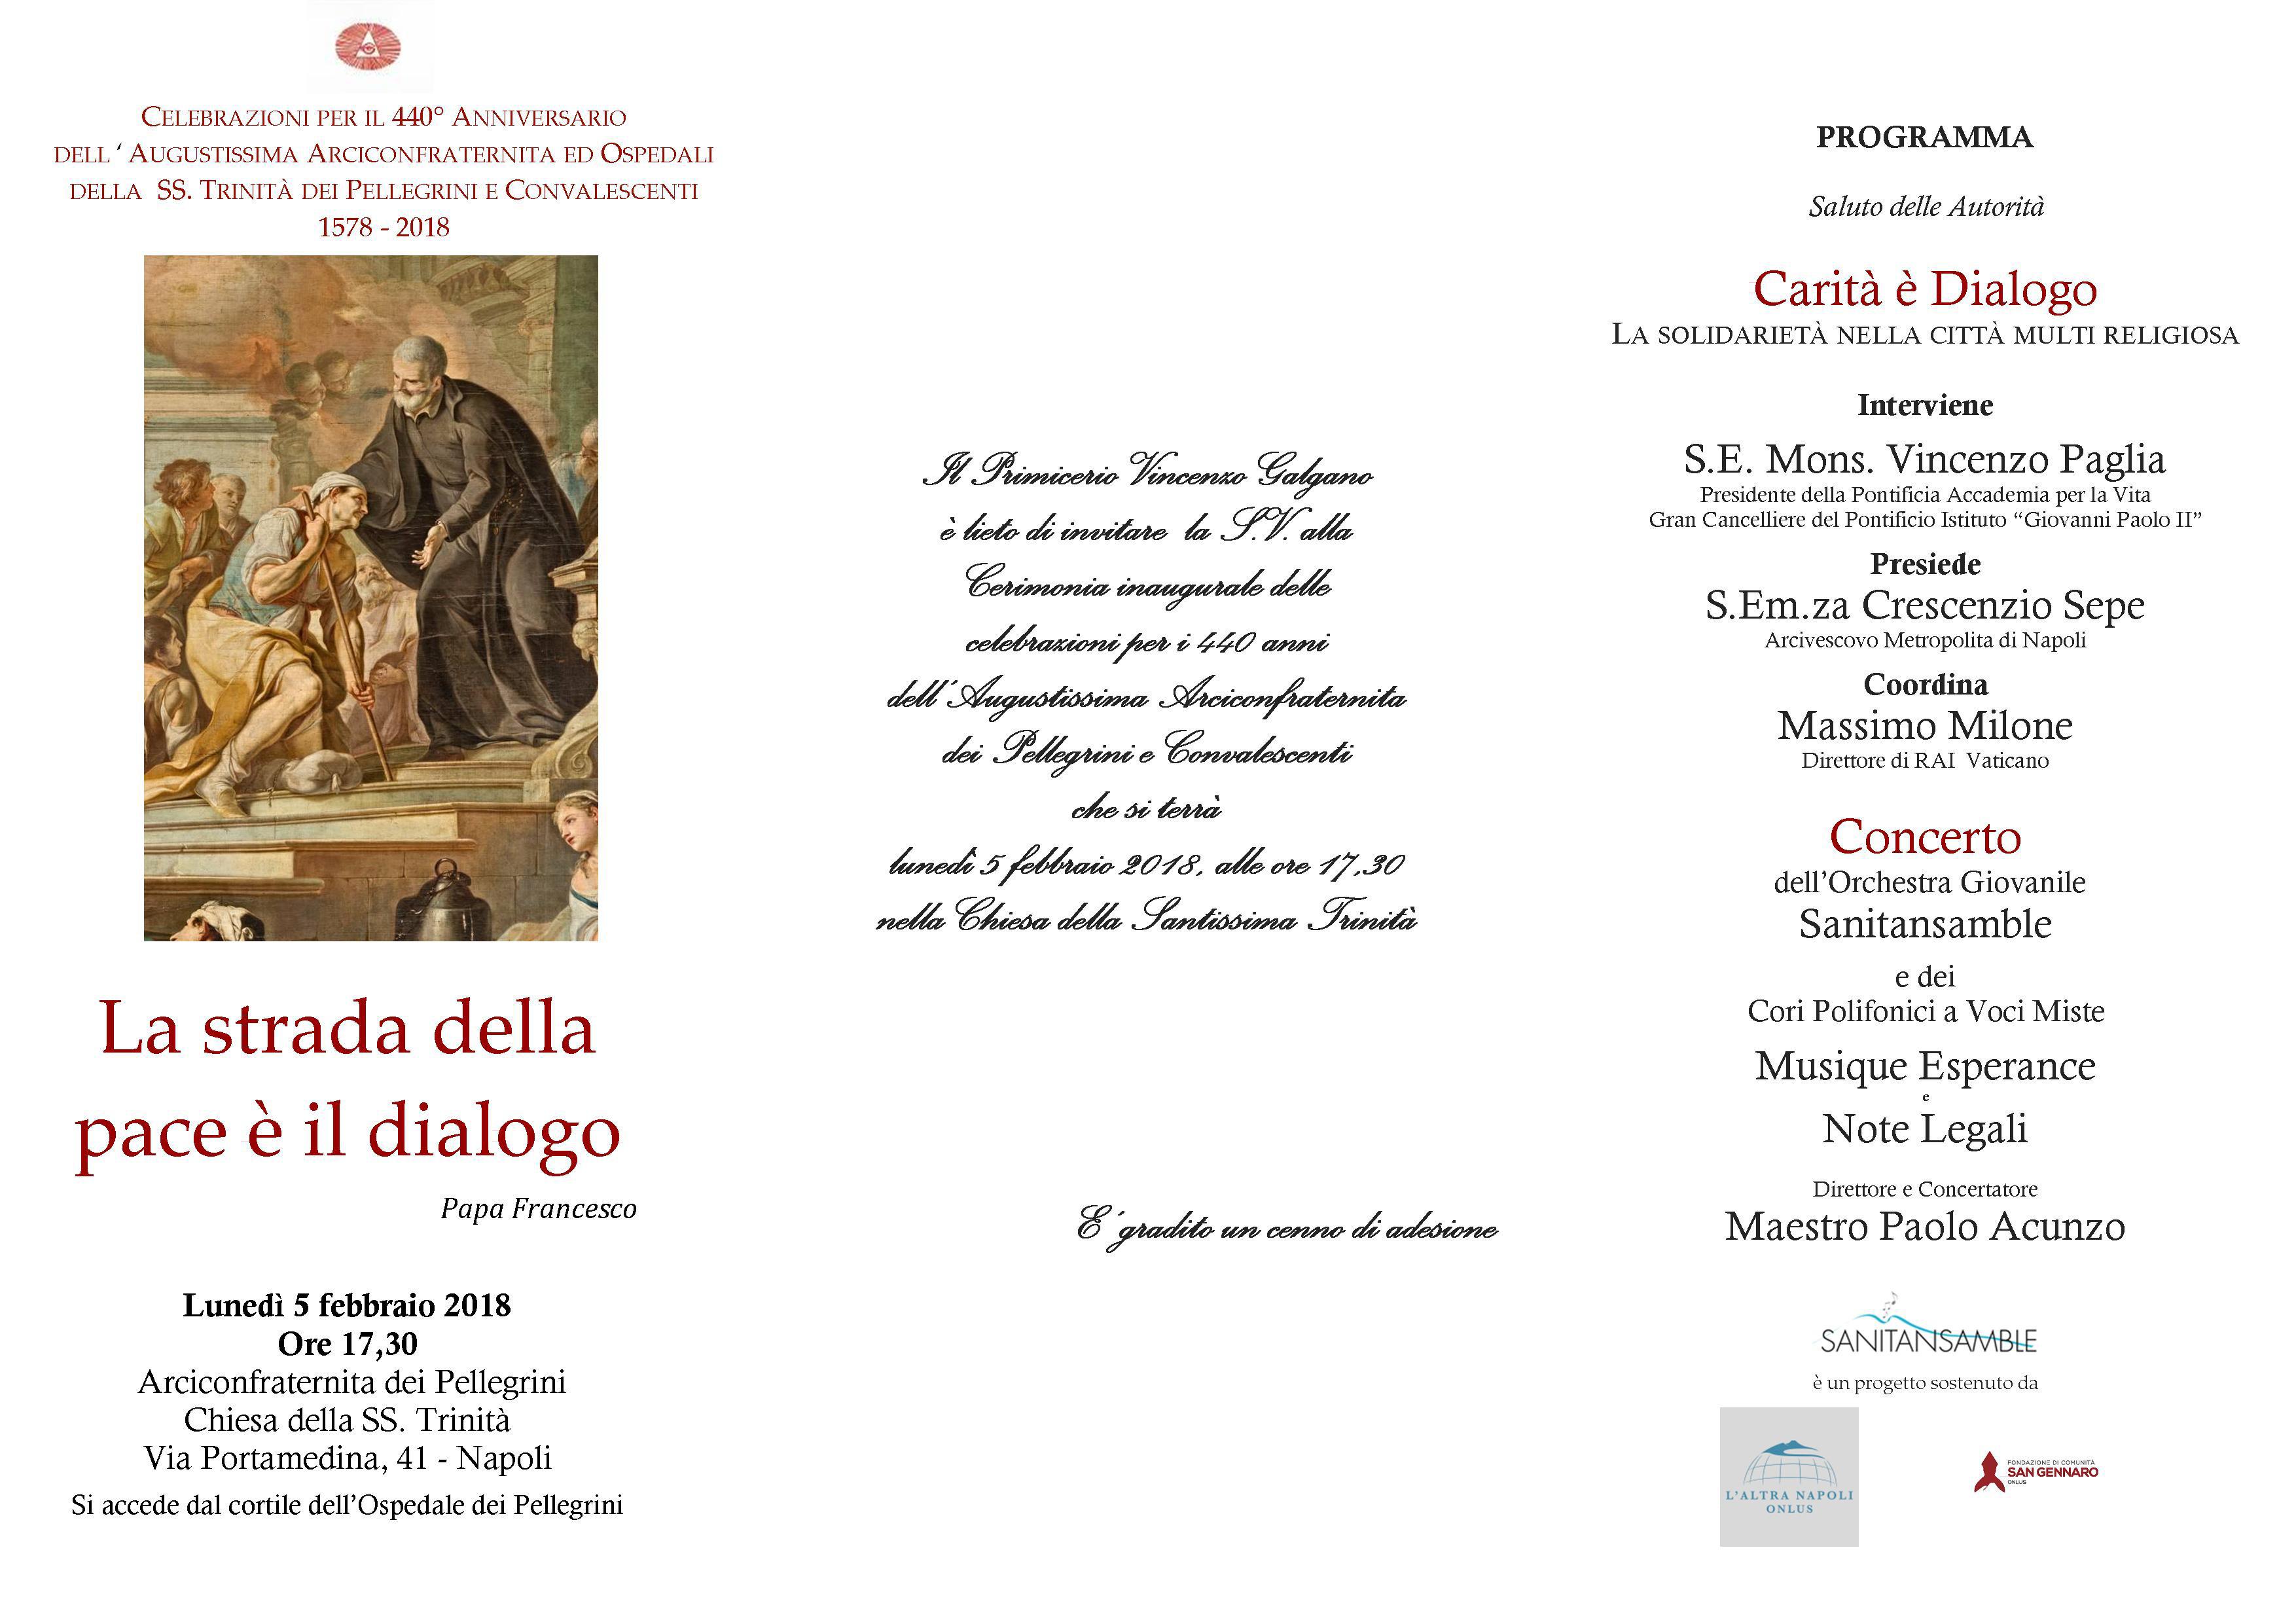 I 440 anni dell'Arciconfraternita del Pellegrini. Napoli, 5 febbraio 2018